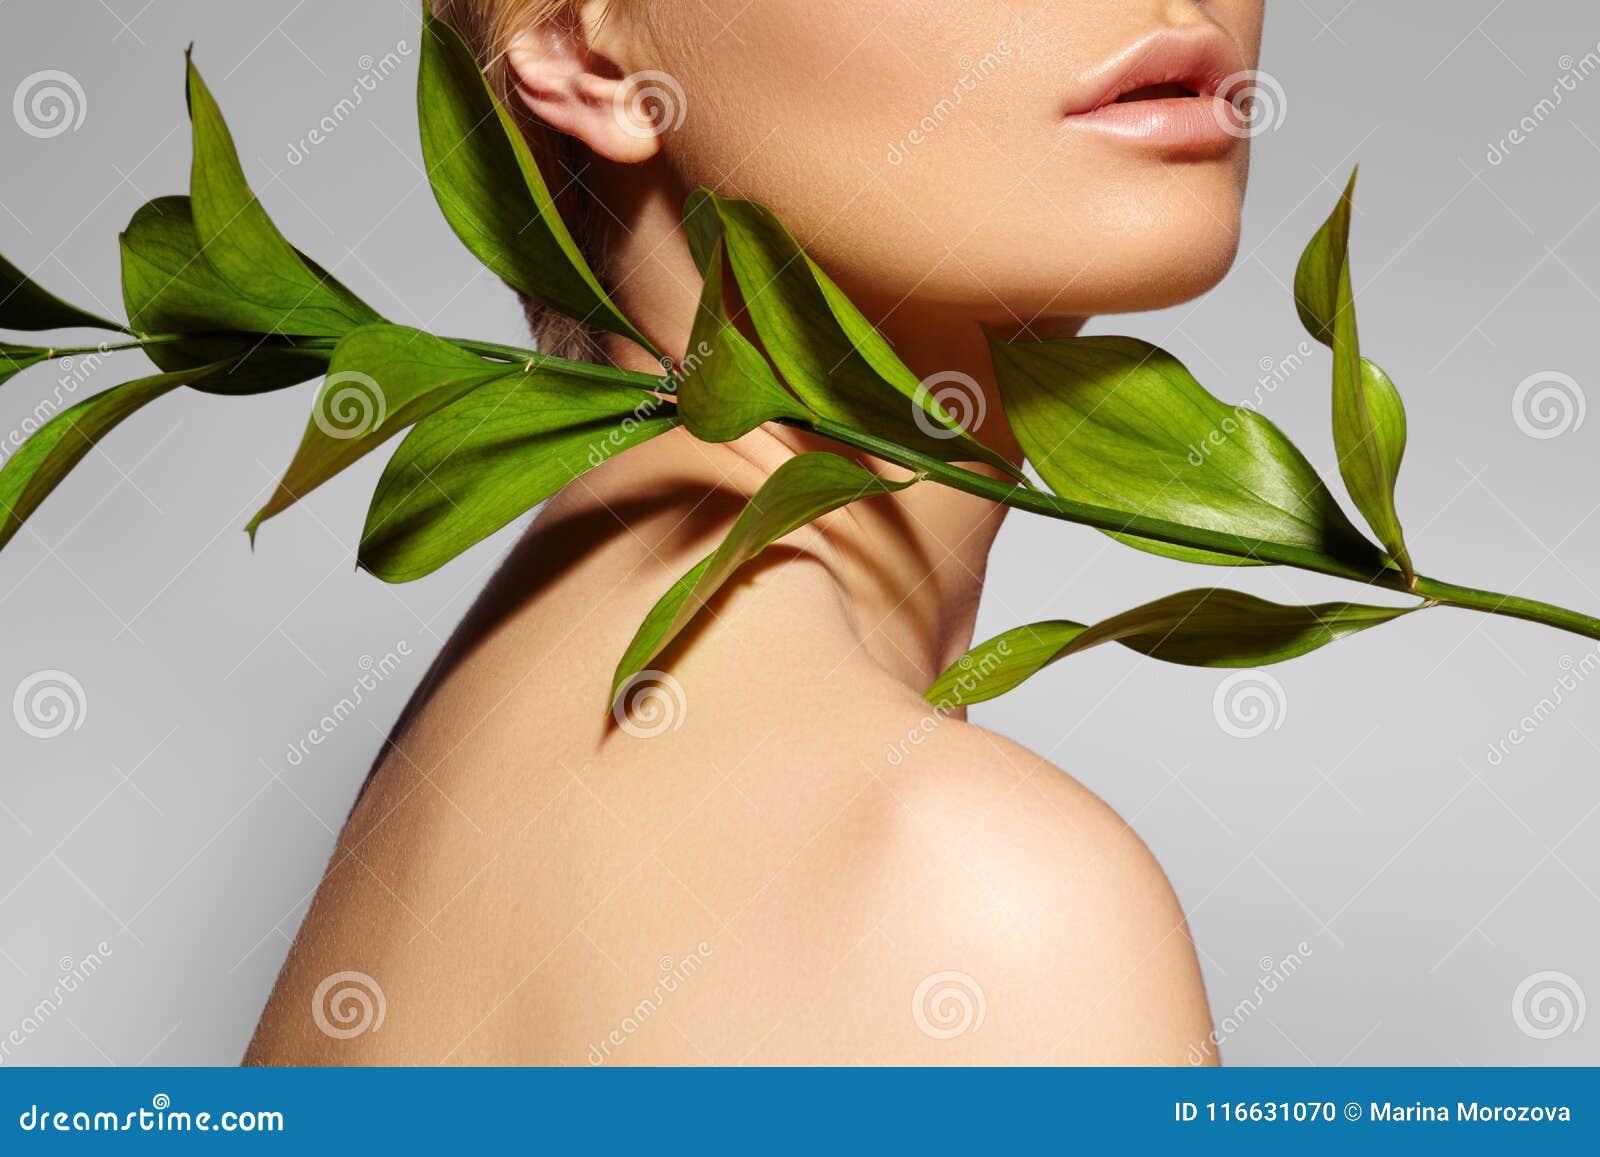 Η όμορφη γυναίκα εφαρμόζει το οργανικό καλλυντικό wellness SPA Μοντέλο με το καθαρό δέρμα Υγειονομική περίθαλψη Εικόνα με το φύλλ